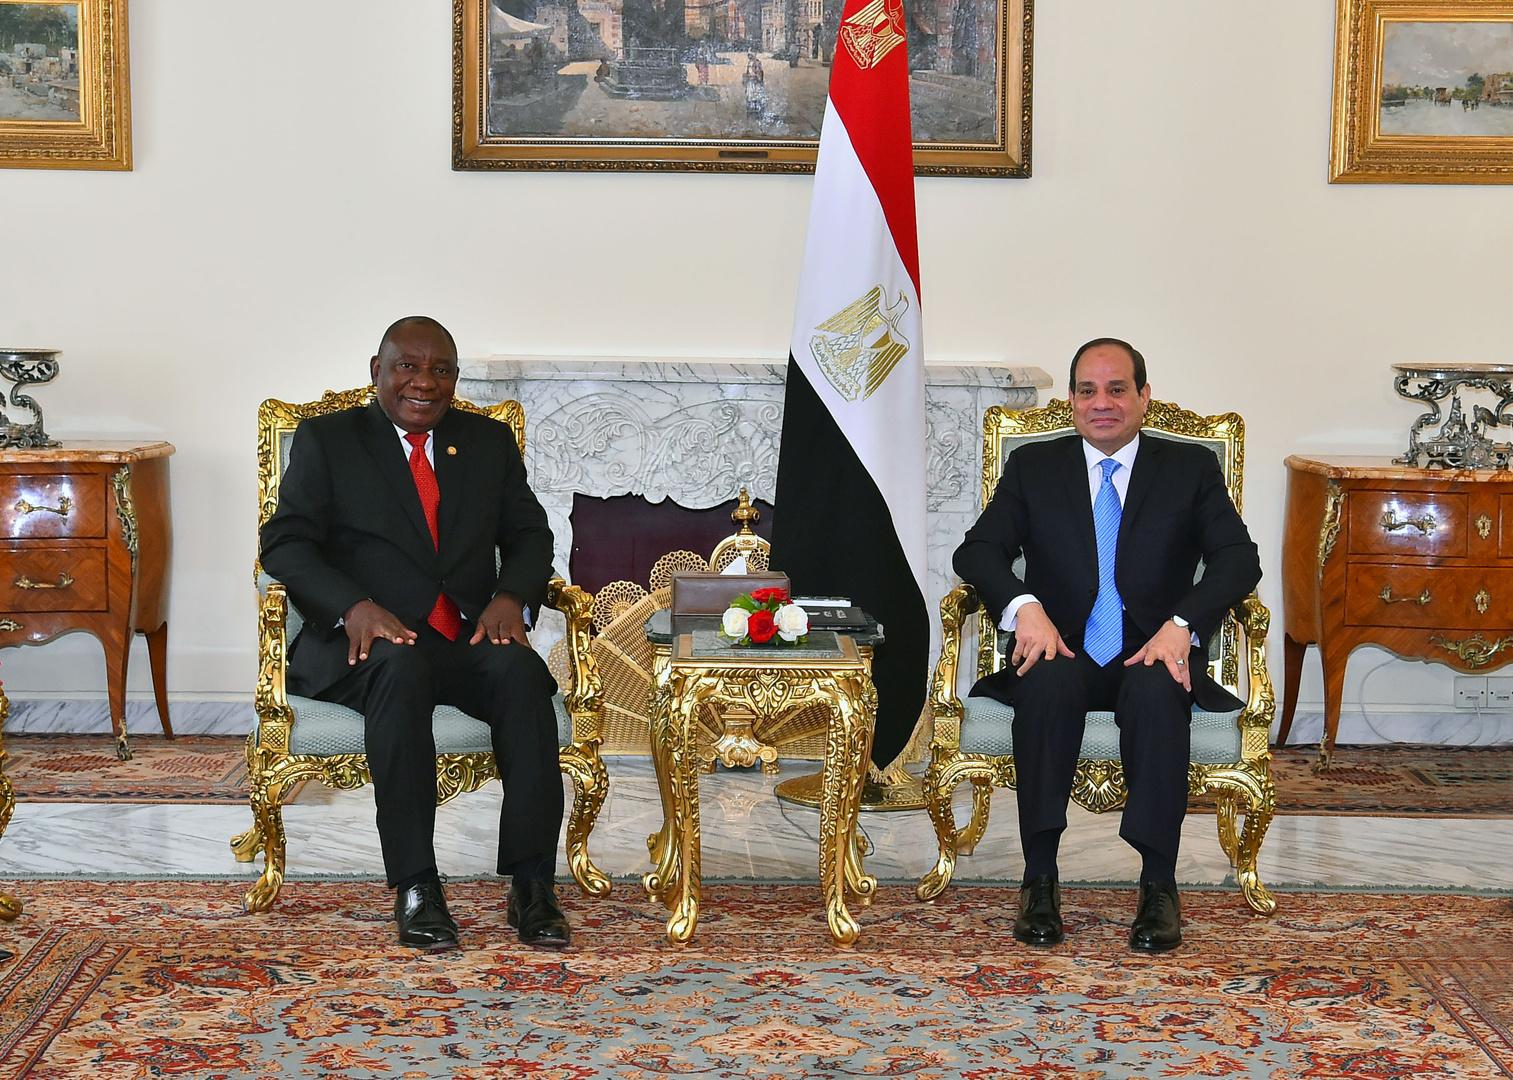 الرئيس المصري، عبد الفتاح السيسي، ونظيره الجنوبي الإفريقي، سيريل رامافوزا